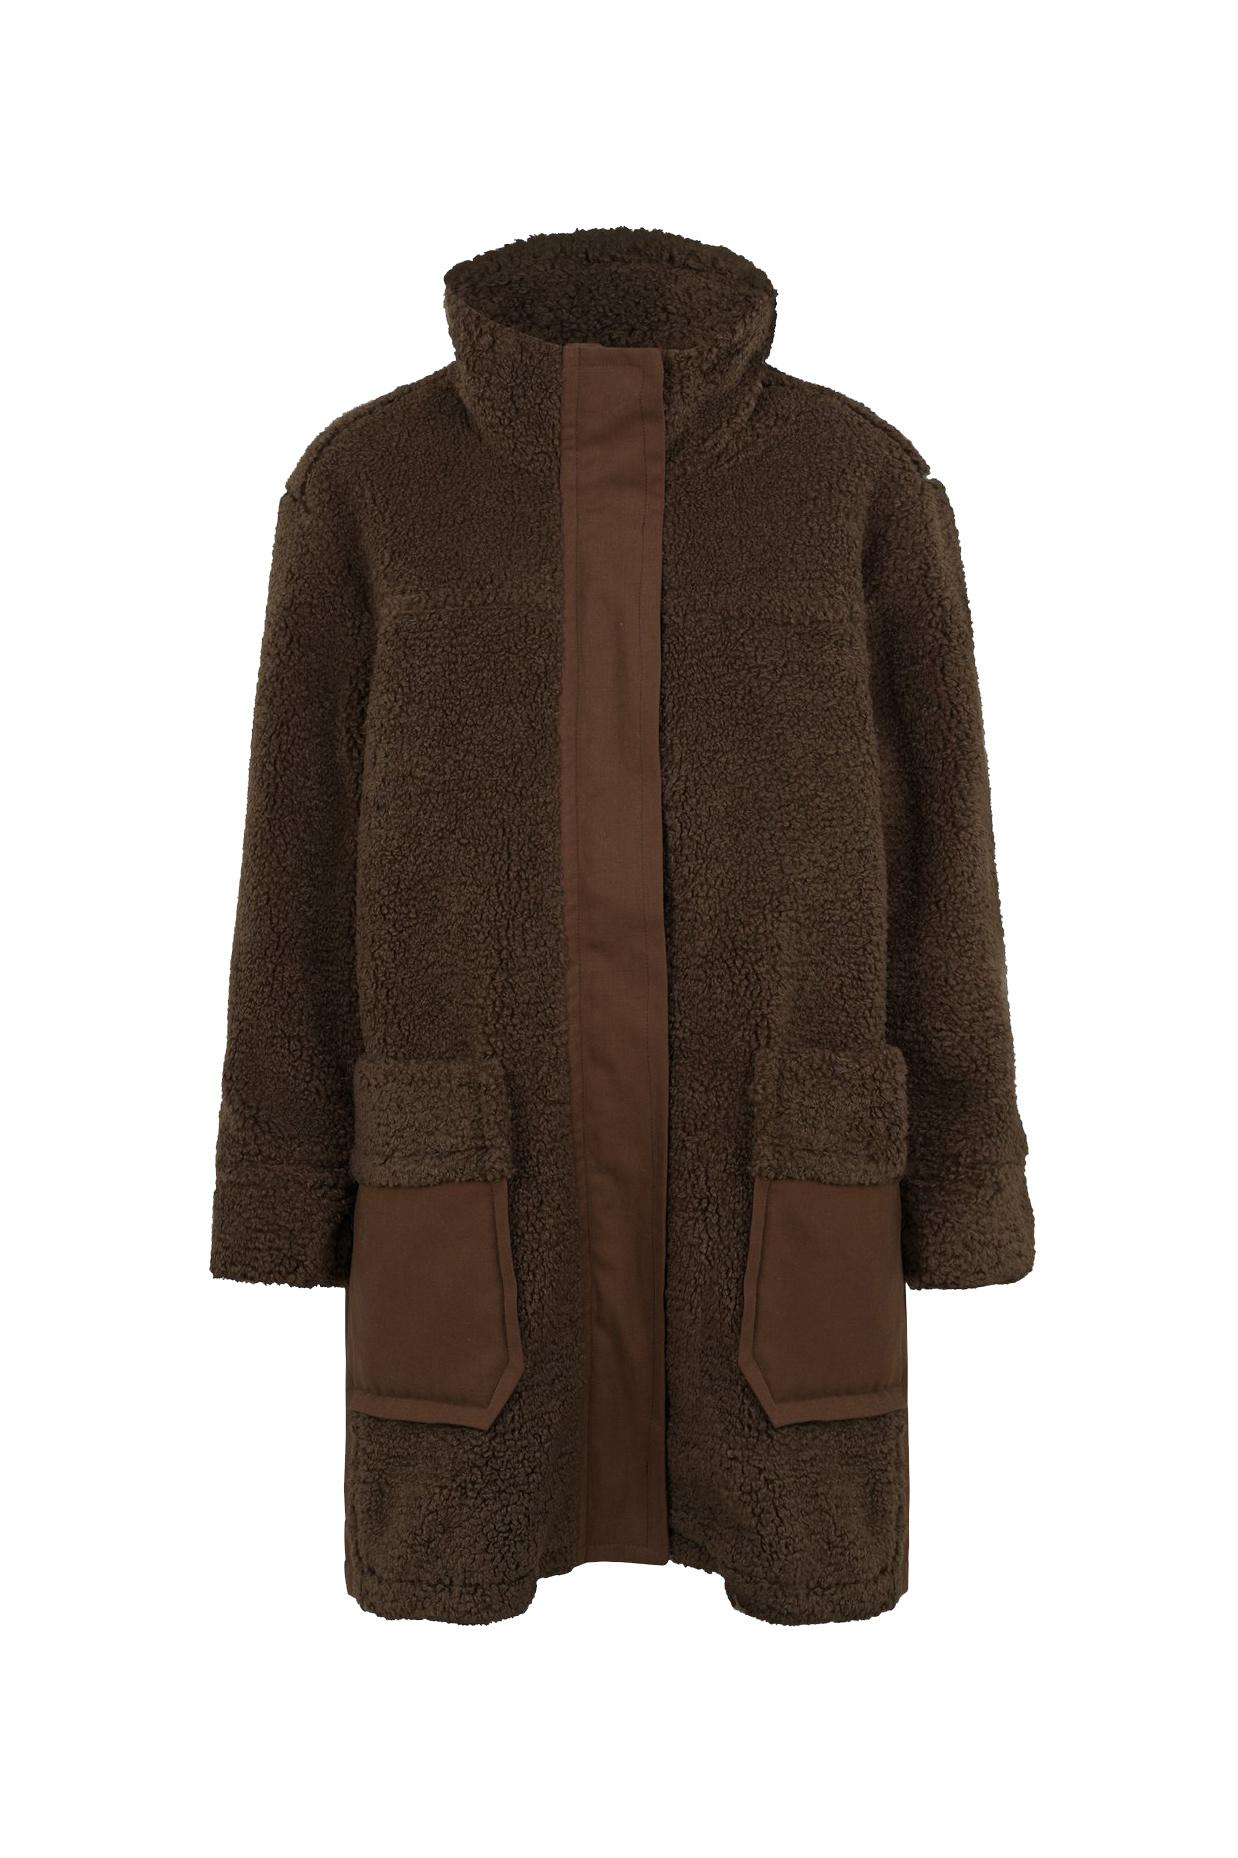 Krizian New Coat - Wren-1